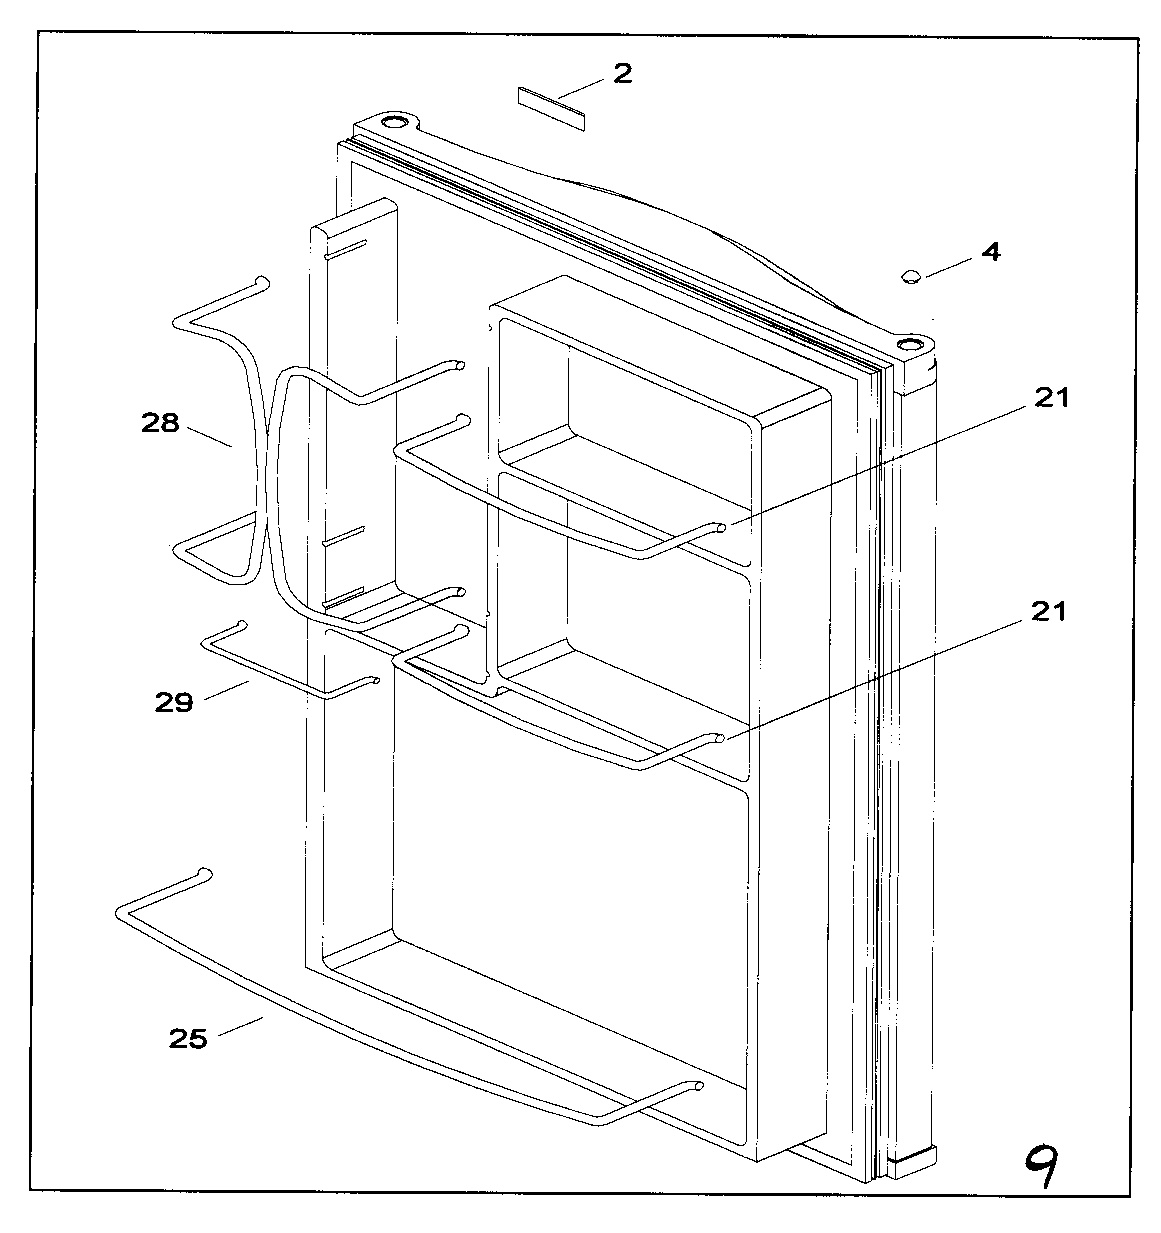 Haier Dishwasher Wiring Schematic, Haier, Free Engine